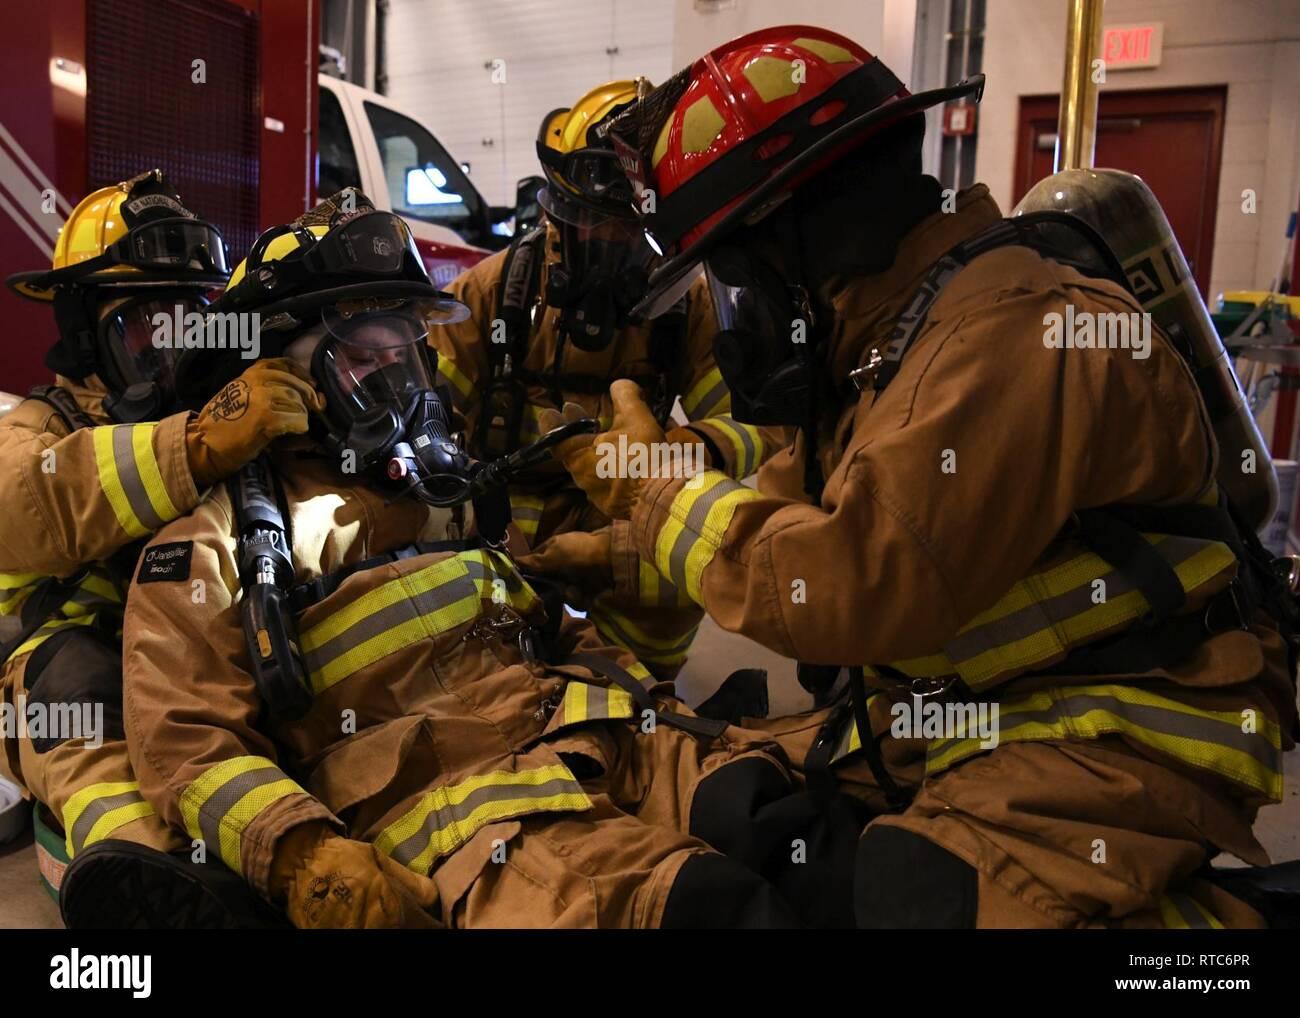 Randy Burlingame Stock Photos & Randy Burlingame Stock Images - Alamy